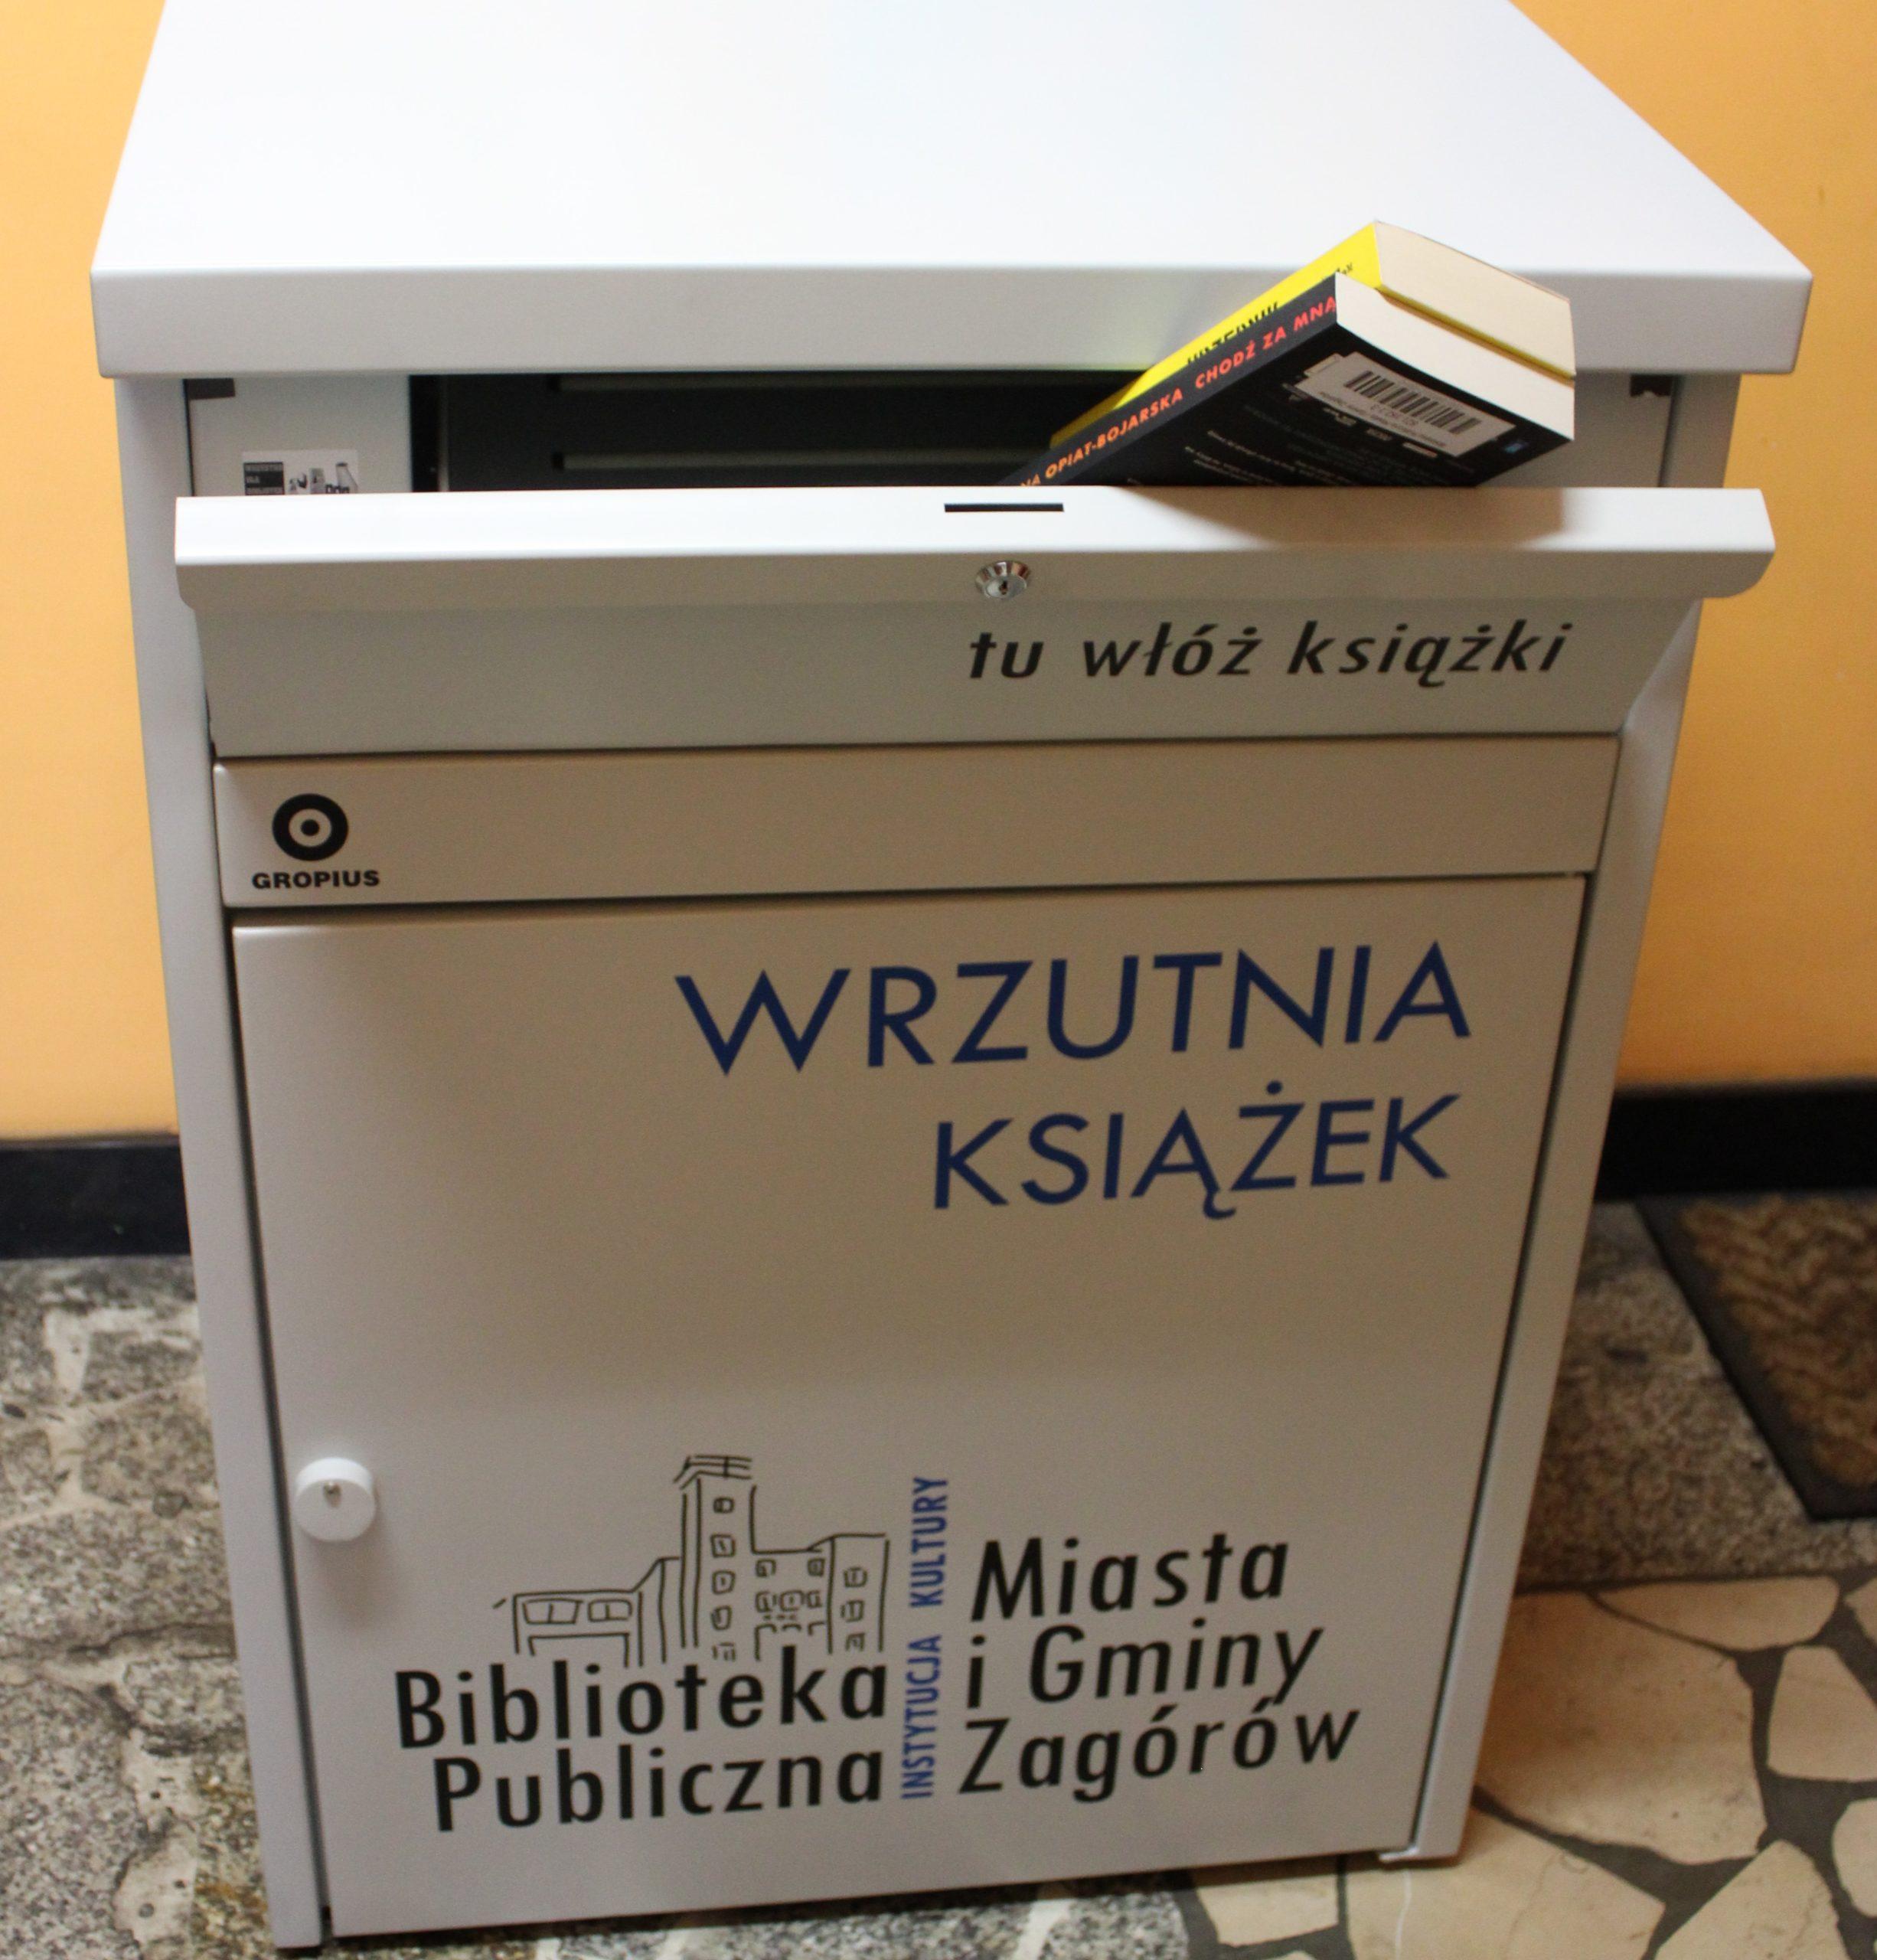 """Na zdjęciu wrzutnia do książek, stojąca przed drzwiami wejściowymi do biblioteki. Pojemik szary, z naklejomym logo i napisem: wrzutnia książek. W uchylonej szufladzie z napisem : """"tu włóż książki"""" są wyeksponowane dwie książki. Pokazuje to sposób użycia wrzutni."""